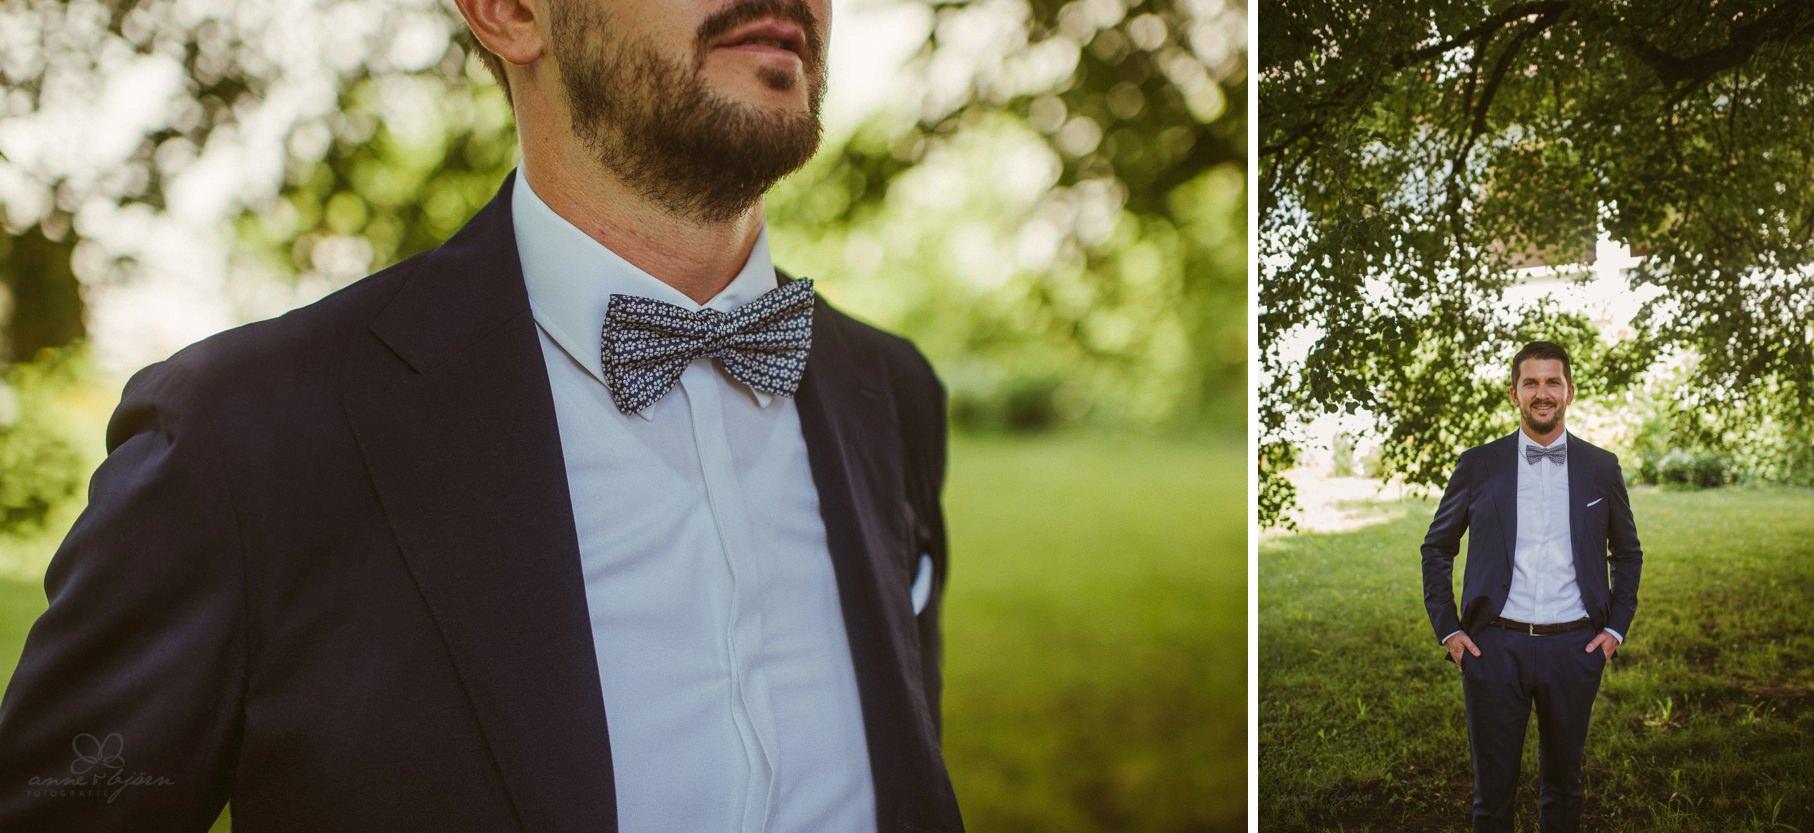 0022 anne und bjoern hochzeit schweiz 811 4121 - DIY Hochzeit in der Schweiz - Sabrina & Christoph